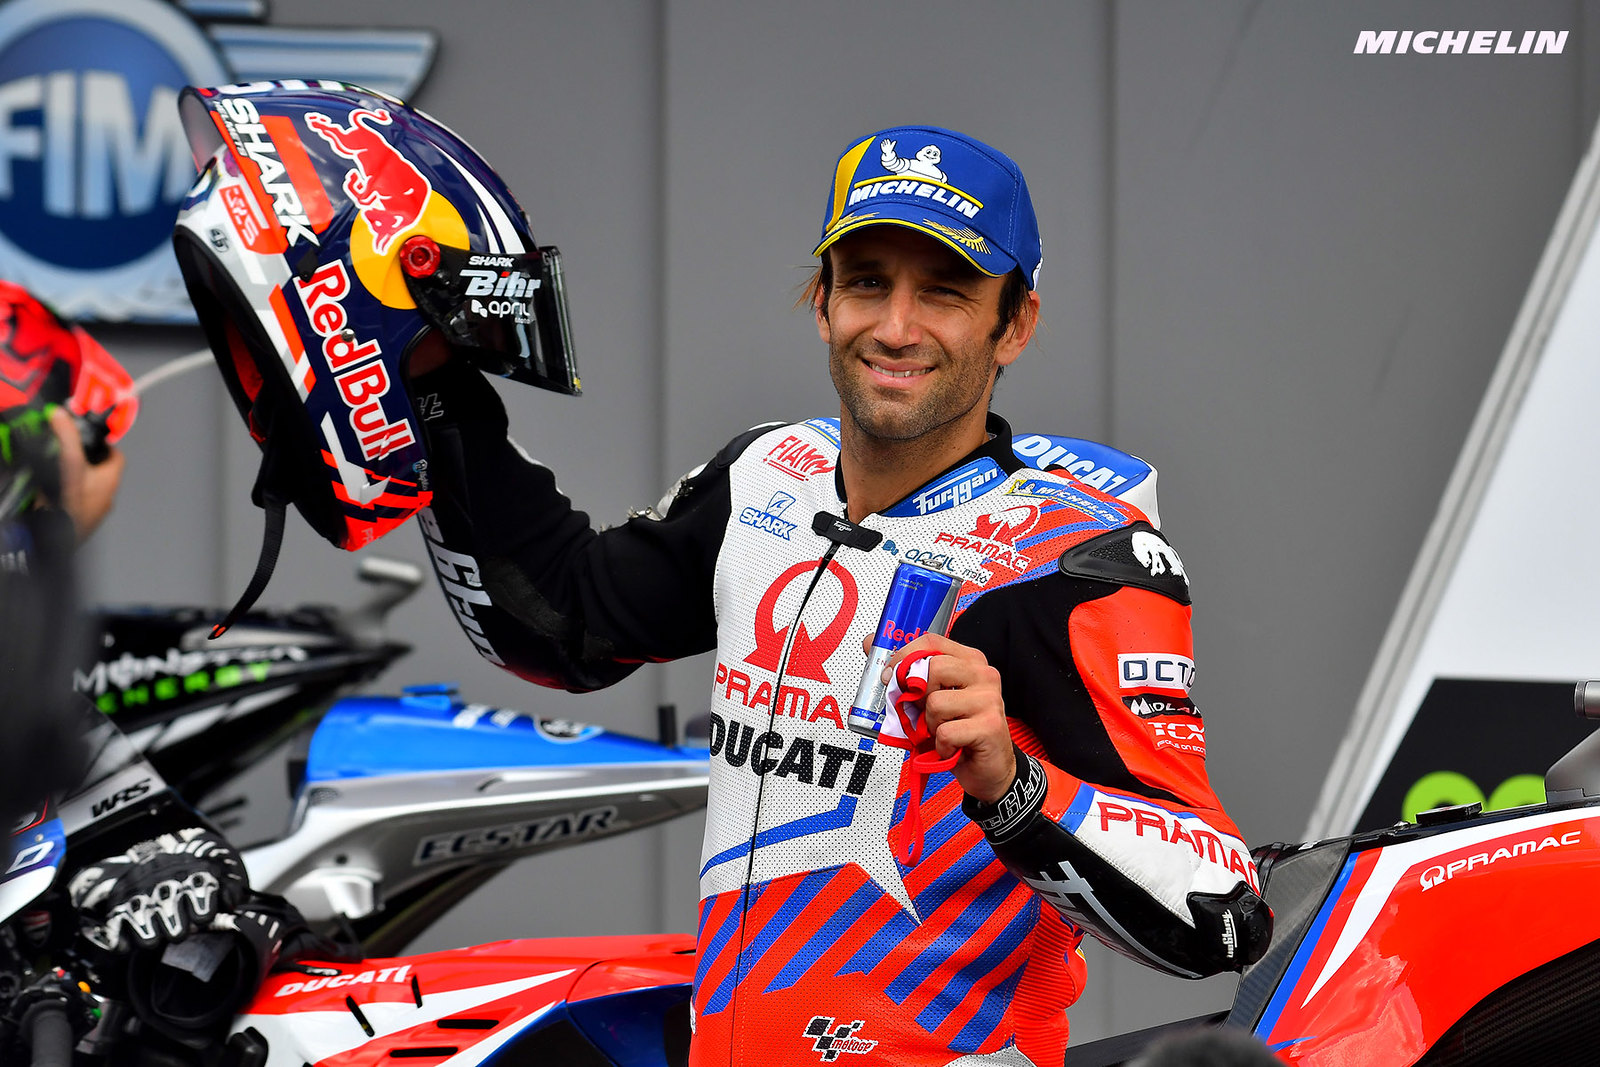 MotoGP2021 ポルトガルGP 予選3位ヨハン・ザルコ「マーシャルを説得して自走でピットに戻った」